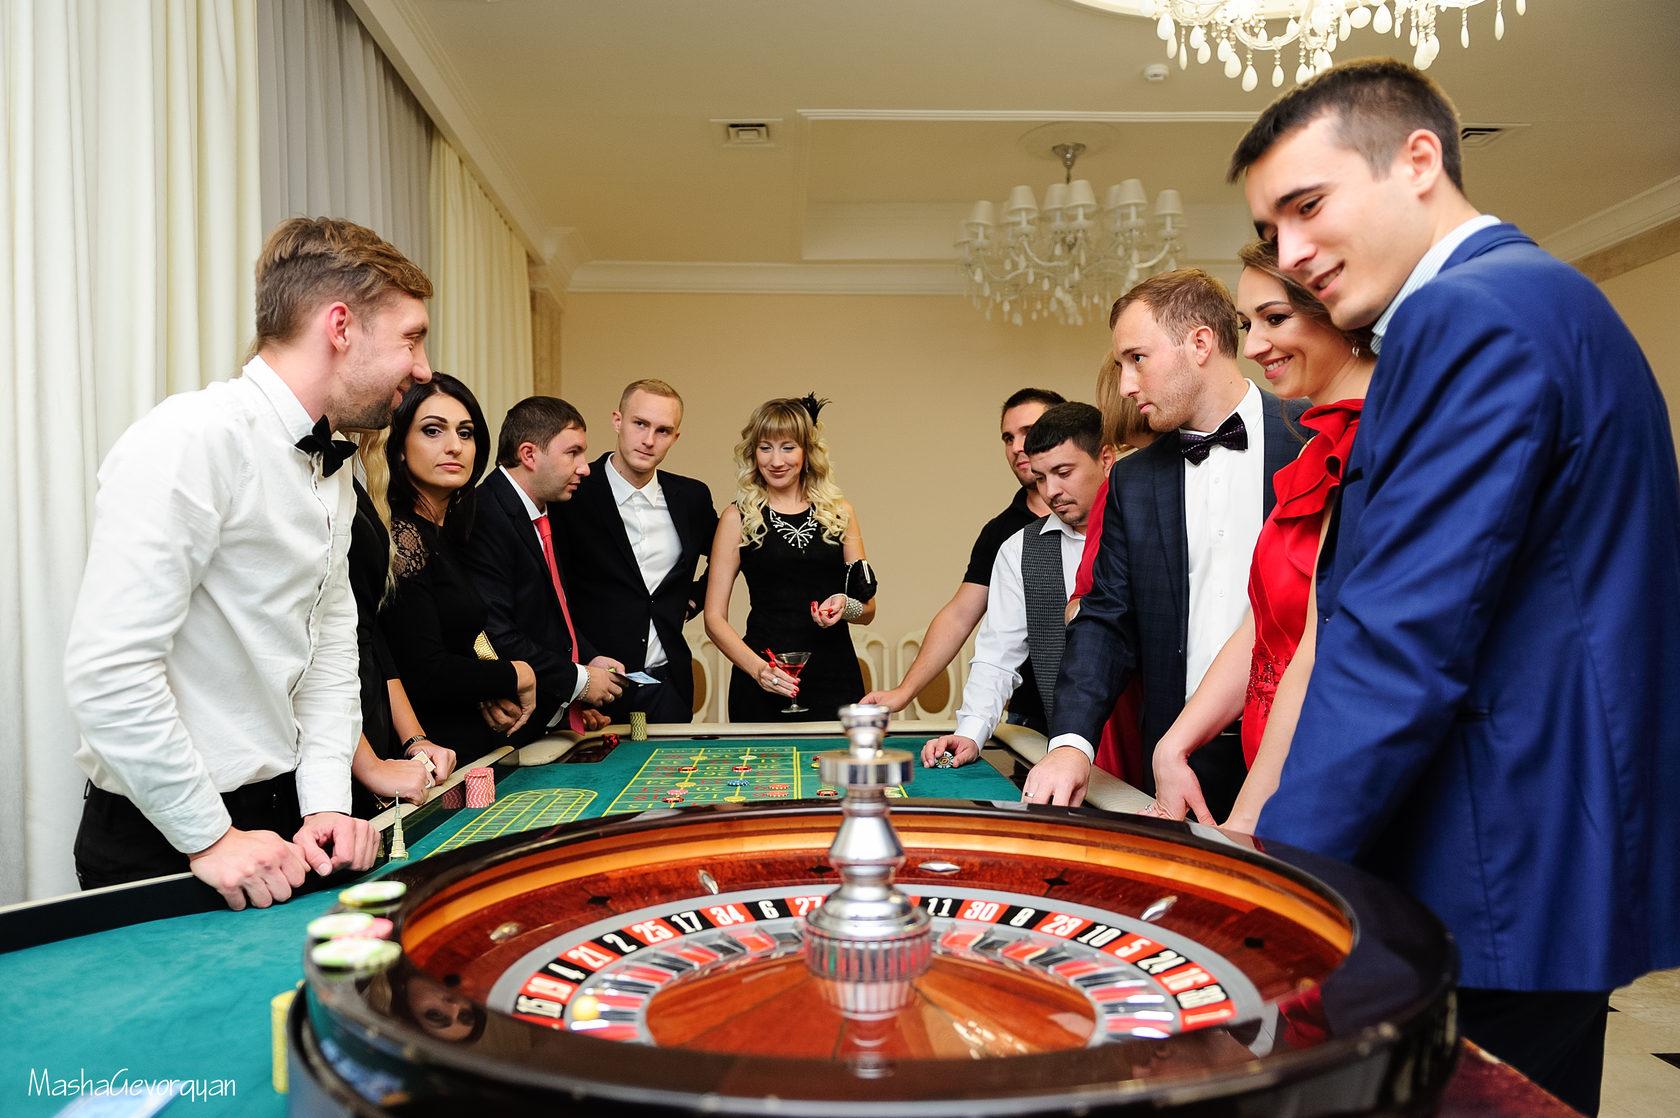 фото На выездное мероприятие казино